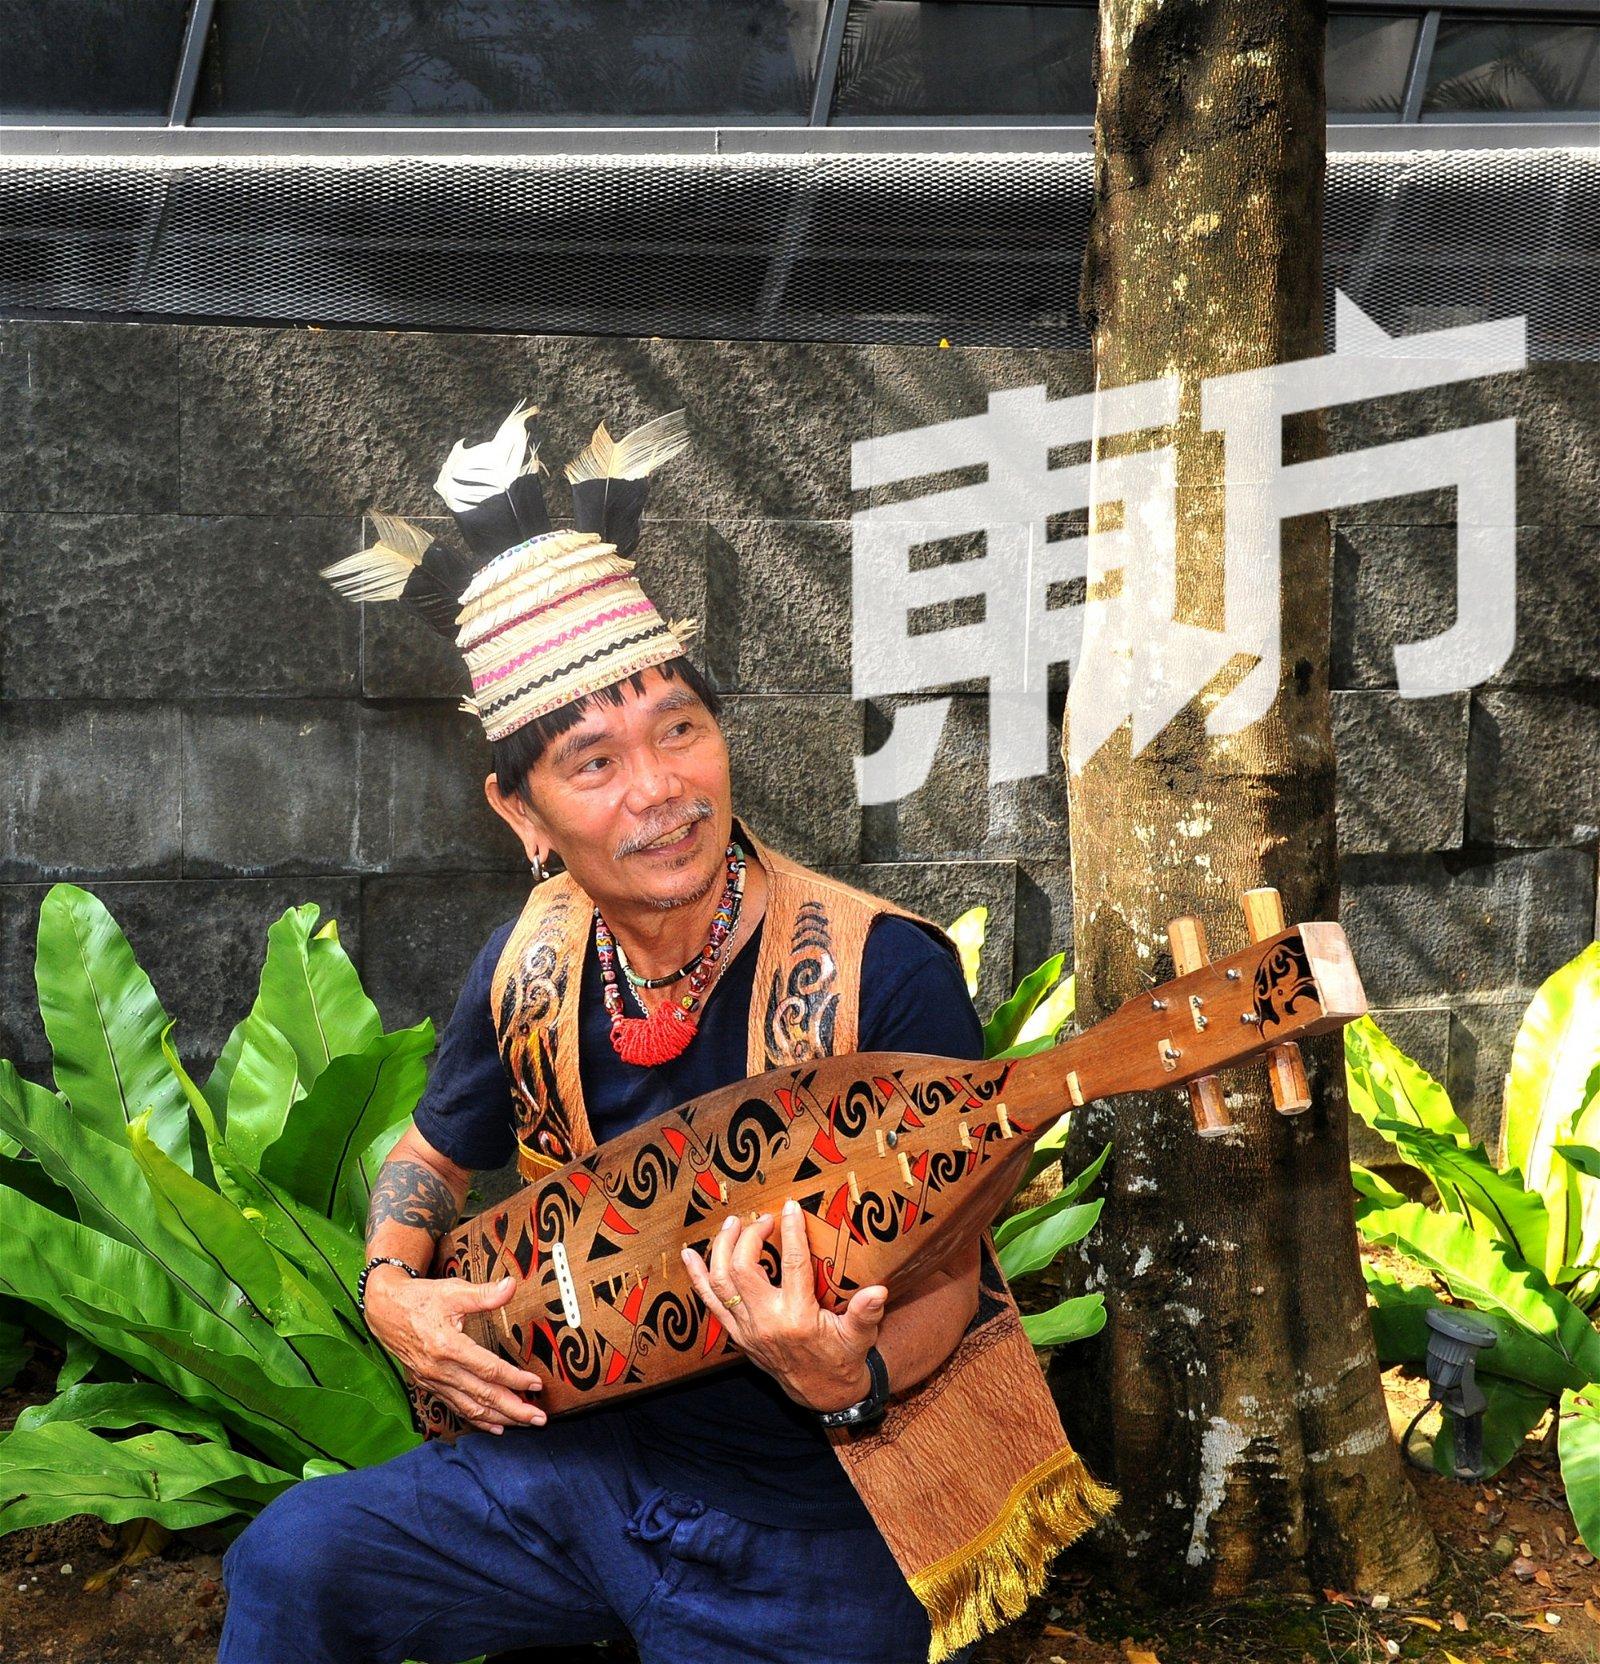 弹奏传统乐器和唱歌跳舞不只是艺术,它更像我们的一种生活形式。——Mathew